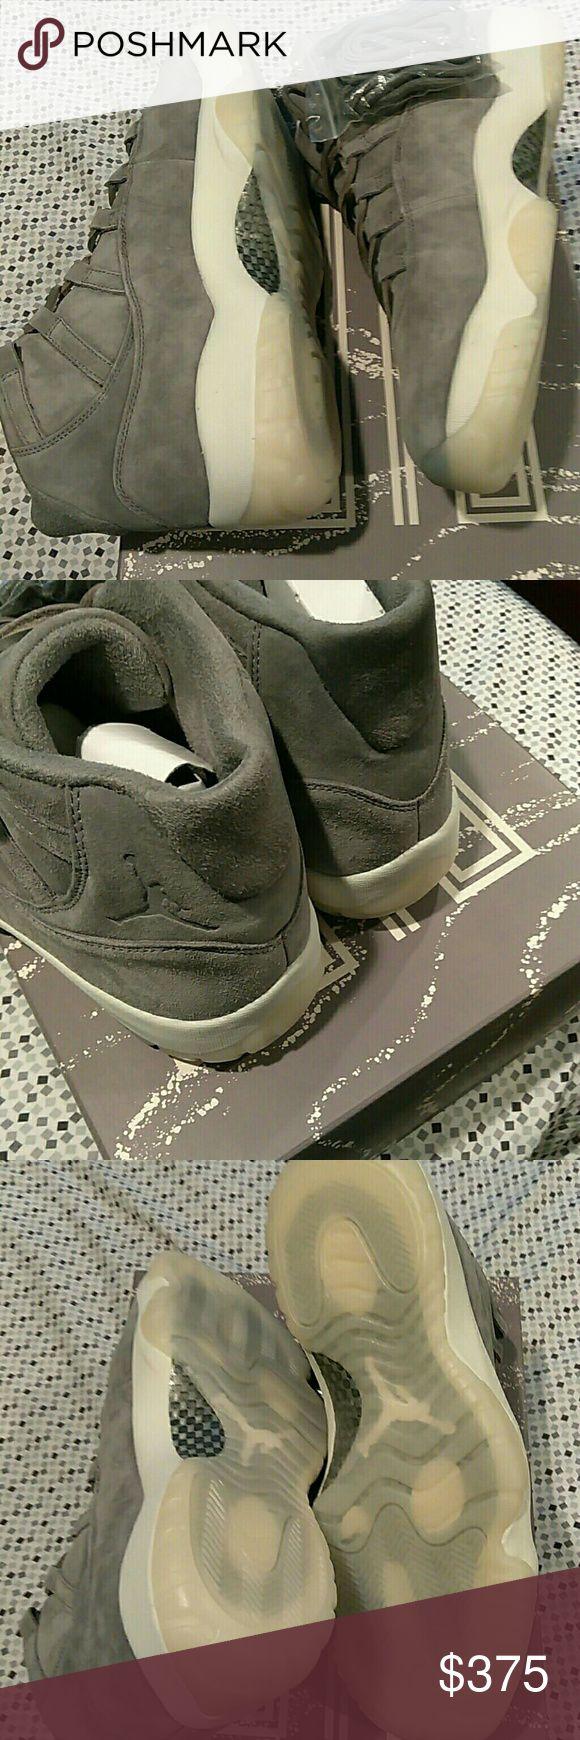 Air Jordan retro XI Retro 11 cool grey suede. Deadstock Air Jordan Shoes Sneakers